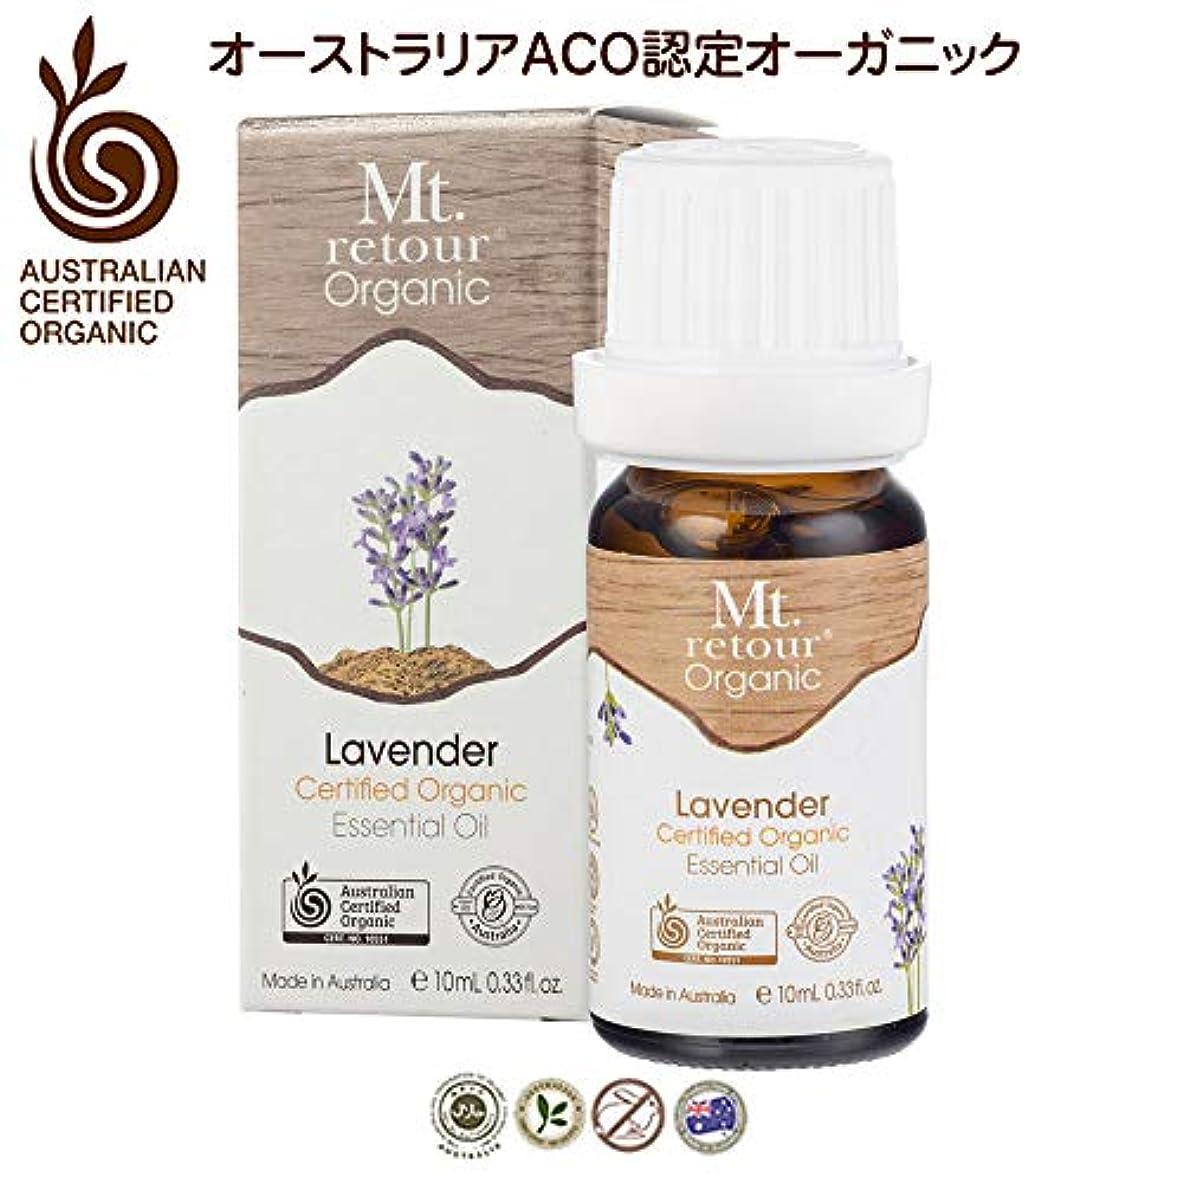 繁殖機構装備するMt. retour ACO認定オーガニック ラベンダー10ml エッセンシャルオイル(無農薬有機栽培)アロマ